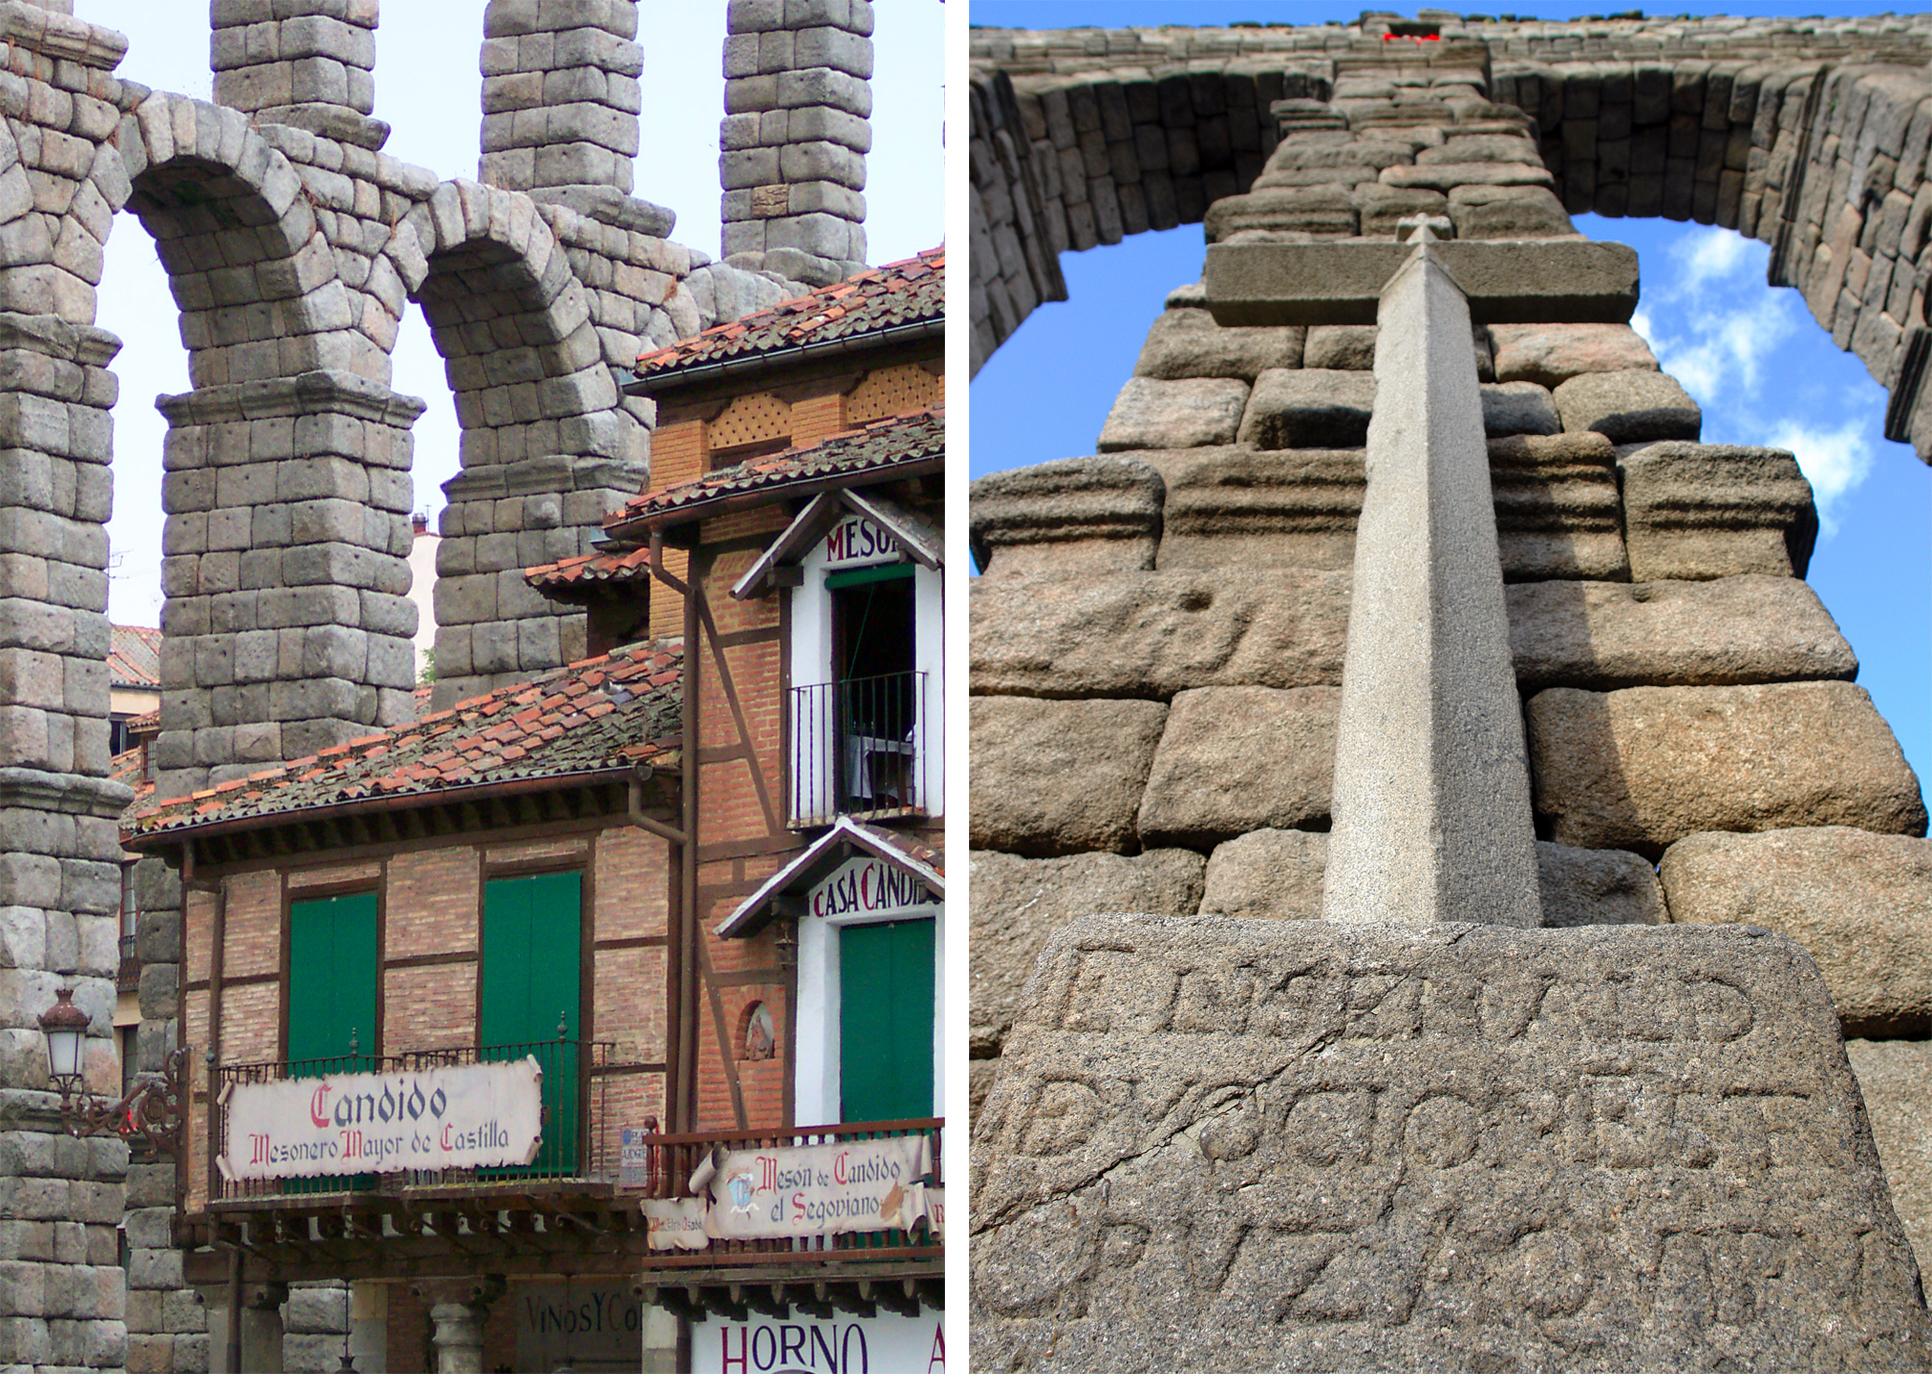 Qué ver Segovia, España qué ver en segovia - 31097732965 3d74f0c079 o - Qué ver en Segovia, España